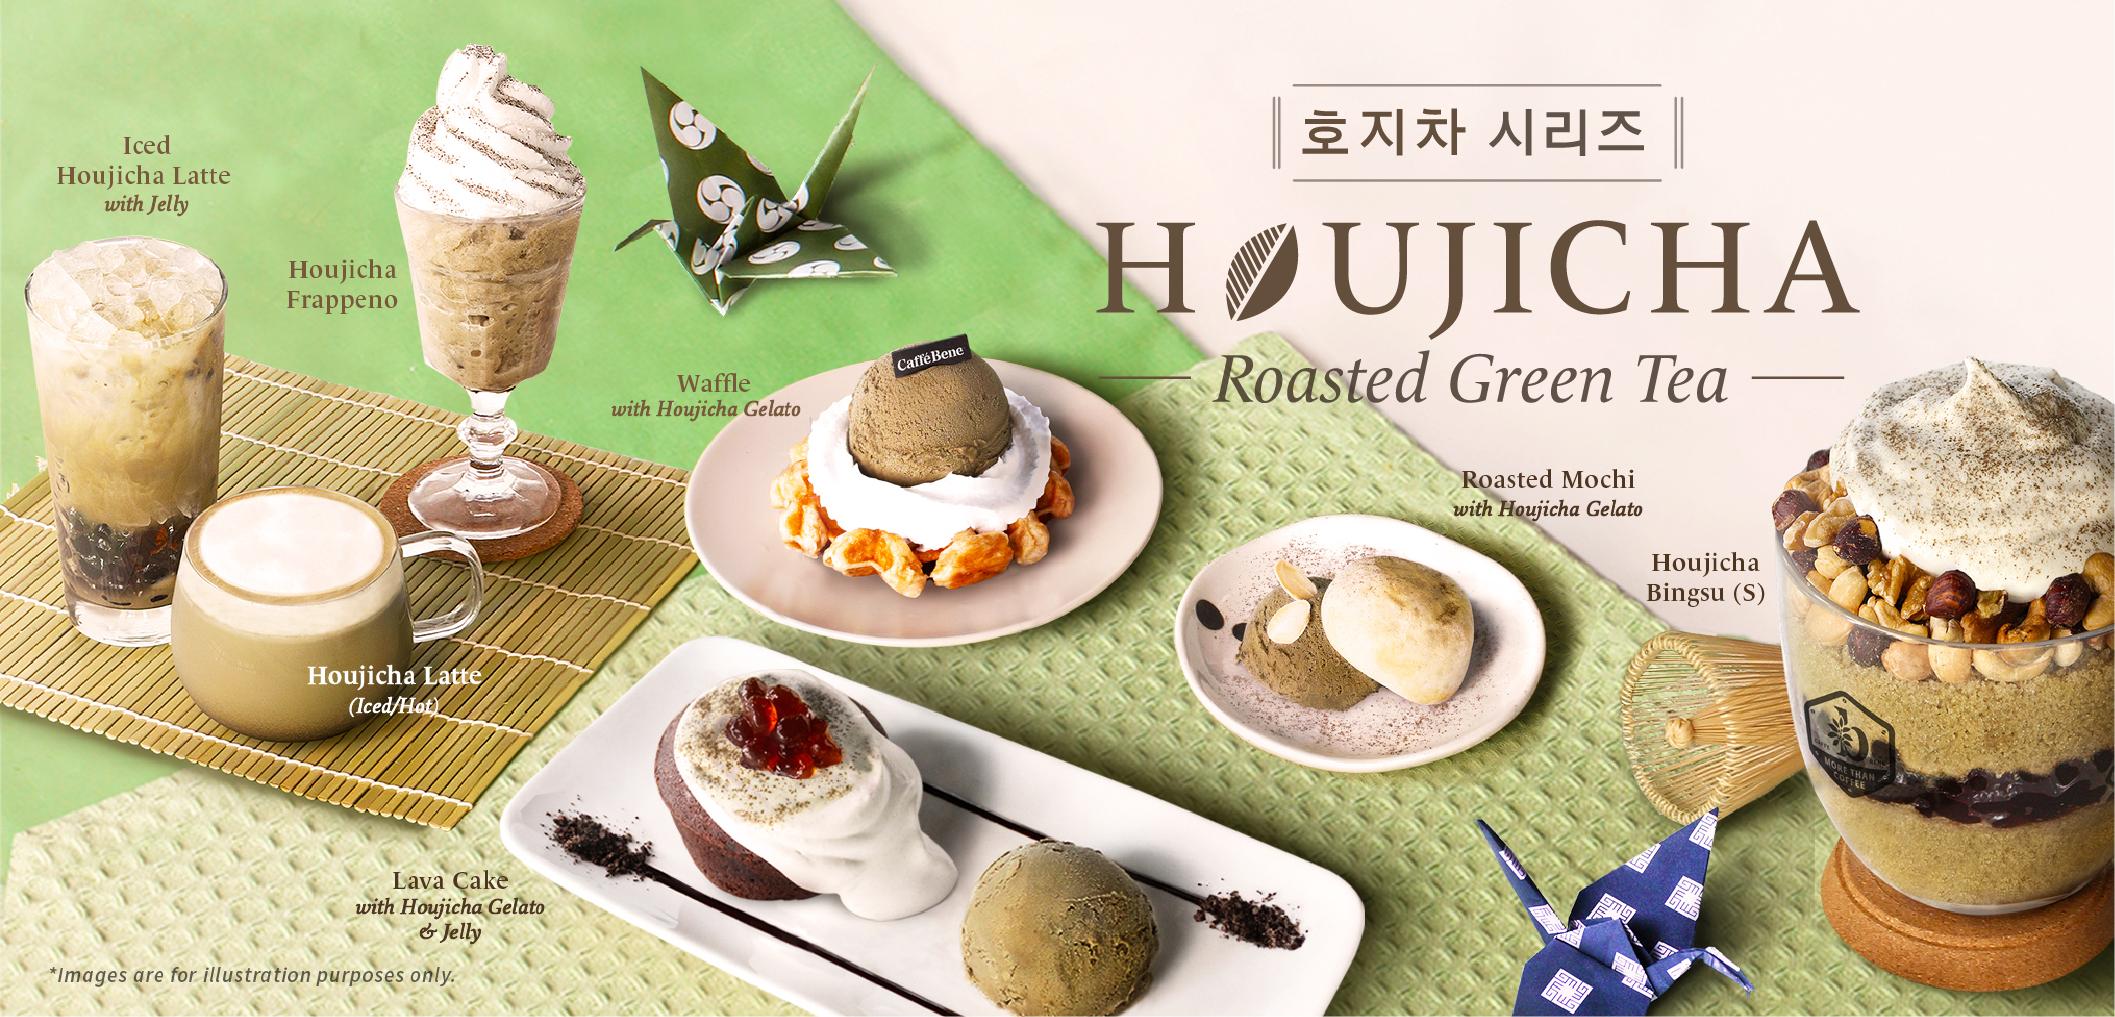 甜品店 Caffè Bene 推出【Houjicha 焙茶】甜品系列,甜品控一定要试一试!